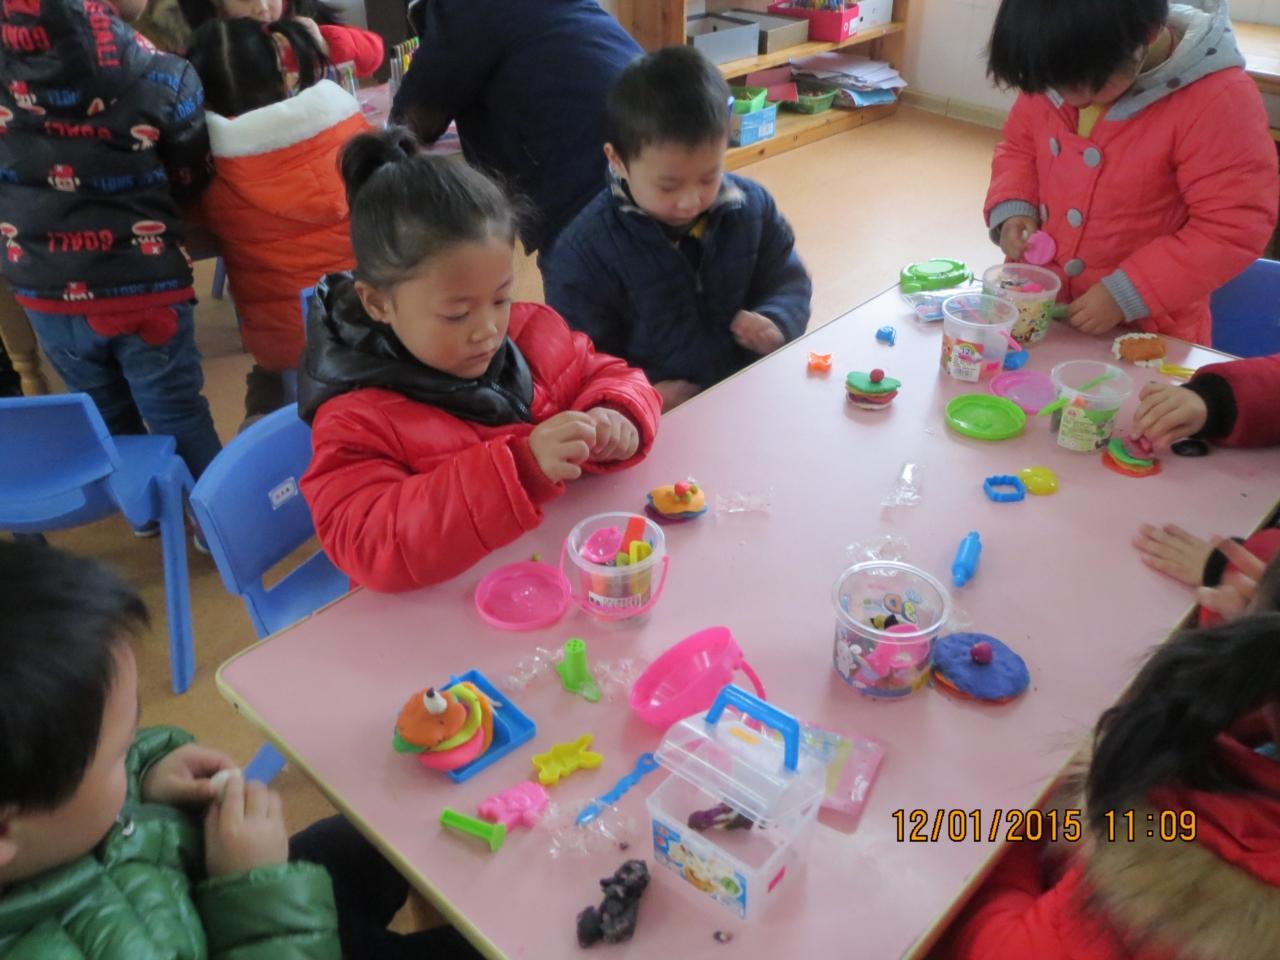 为了让家长更好地了解孩子在幼儿园生活和学习的状况,了解现代的幼儿教育理念和科学的教育方法,了解幼儿园的教学方式、生活动态等,幼儿园举行了10月12日大班年级组的家长开放半日活动。 家长们从丰富多彩的活动中看到孩子们在园生活学习情景,幼儿呈现于课堂上的欢快、愉悦的精神面貌,更让家长们笑逐颜开、心花怒放。 家长开放日的活动让家长真正走进幼儿学习,这也将促使家长们在以后的工作中更加主动地配合幼儿园和老师,共同完成对孩子们的教育和培养,促进幼儿的全面和谐发展。 相信,我们会更加努力工作,关注每一位孩子在各方面的点